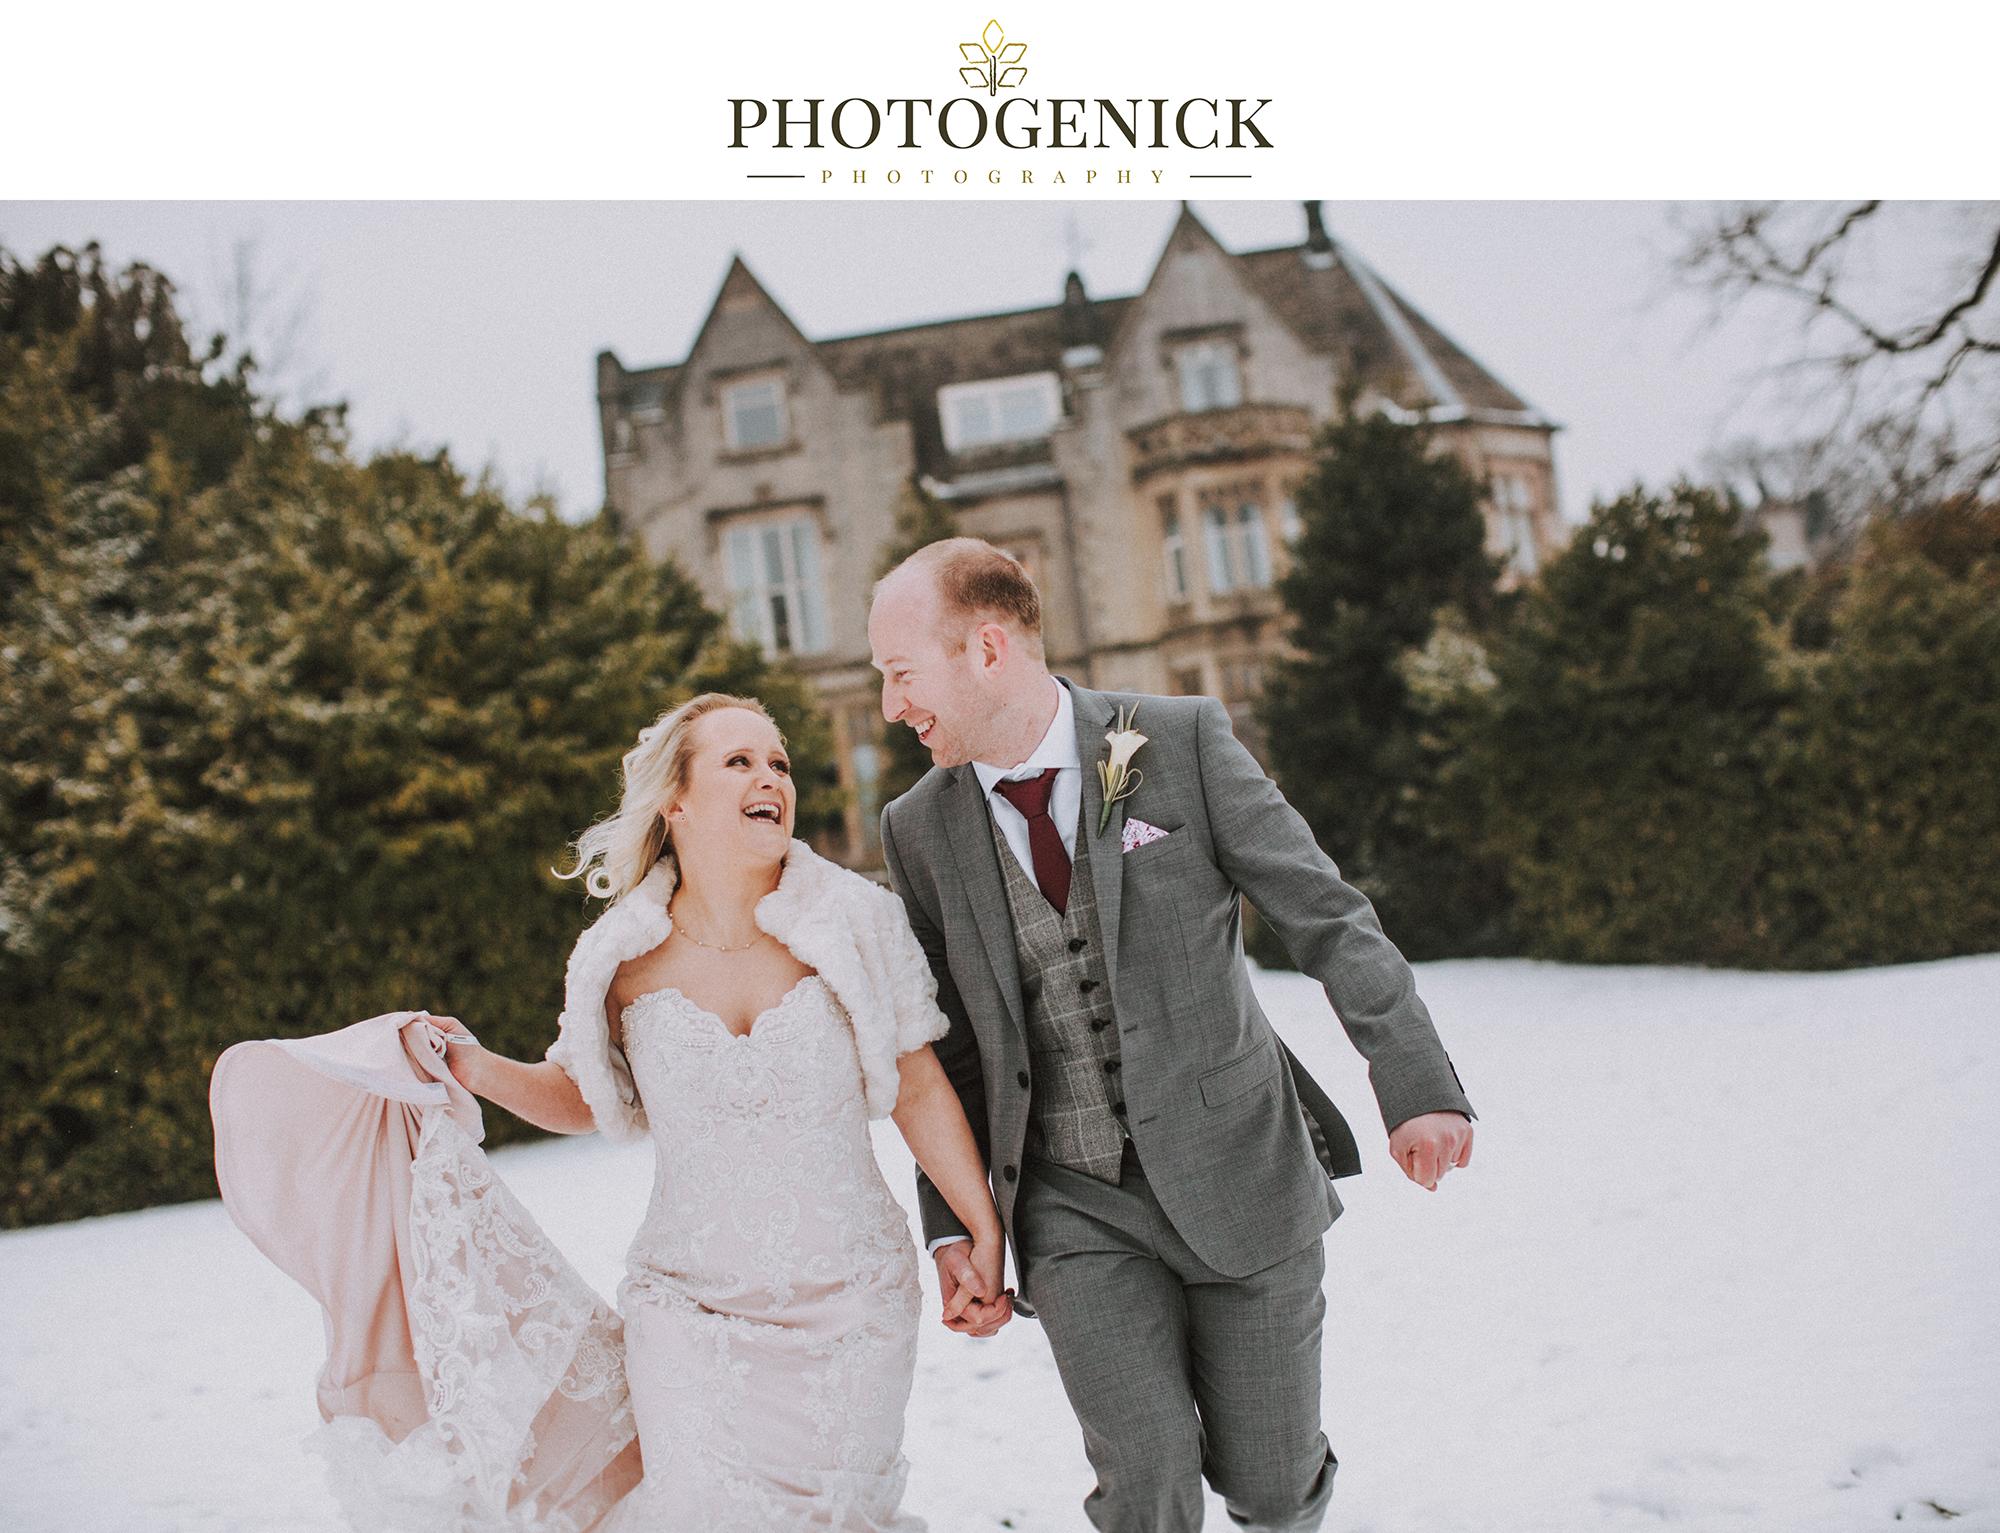 kenwood hall wedding photography.jpg